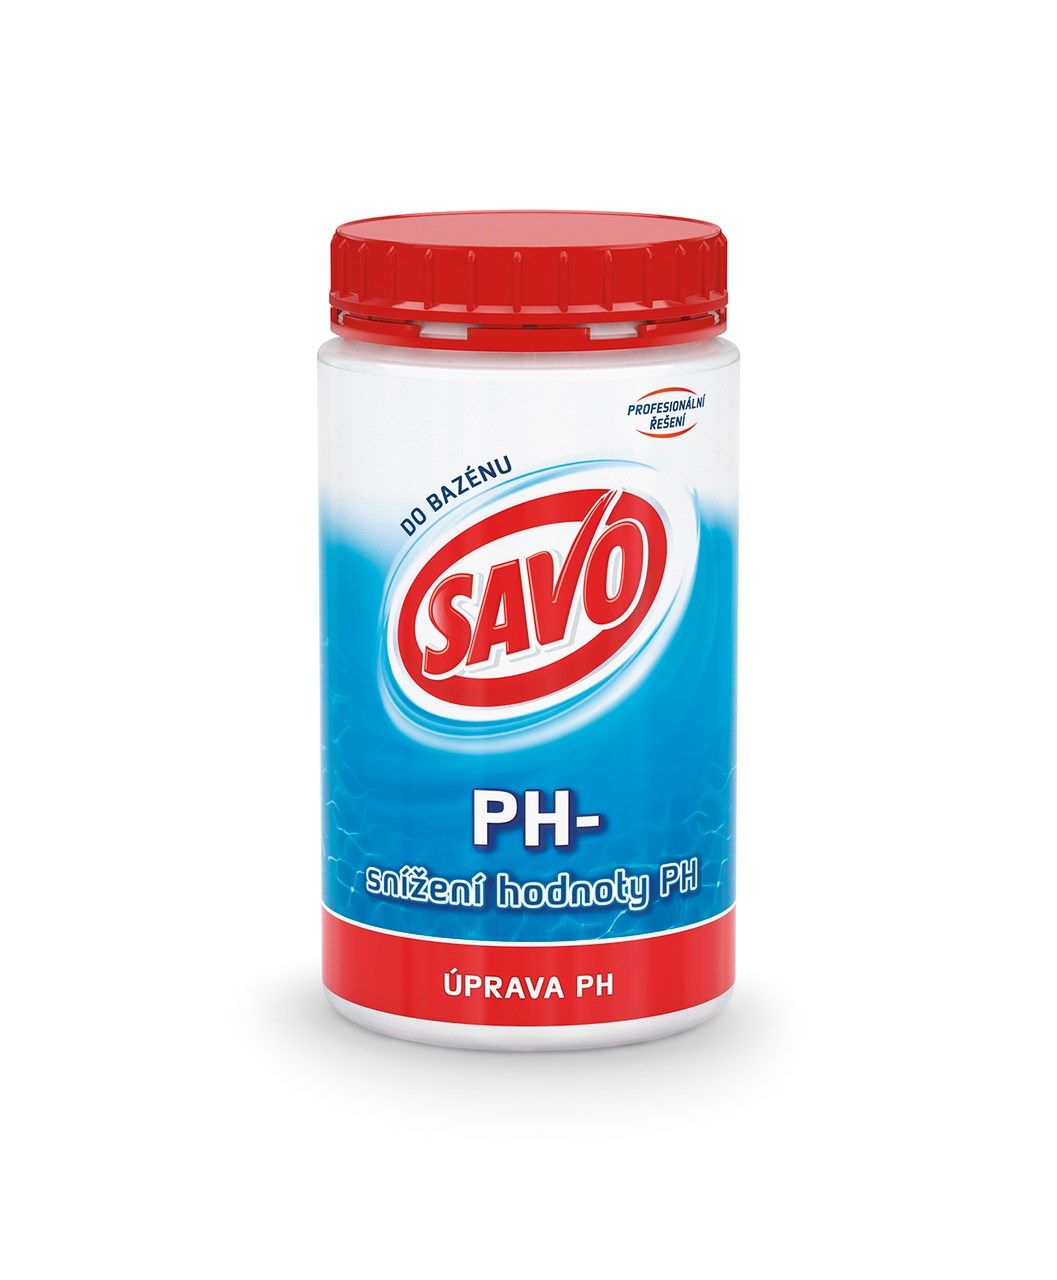 Savo bazén pH- 1x1,2 kg